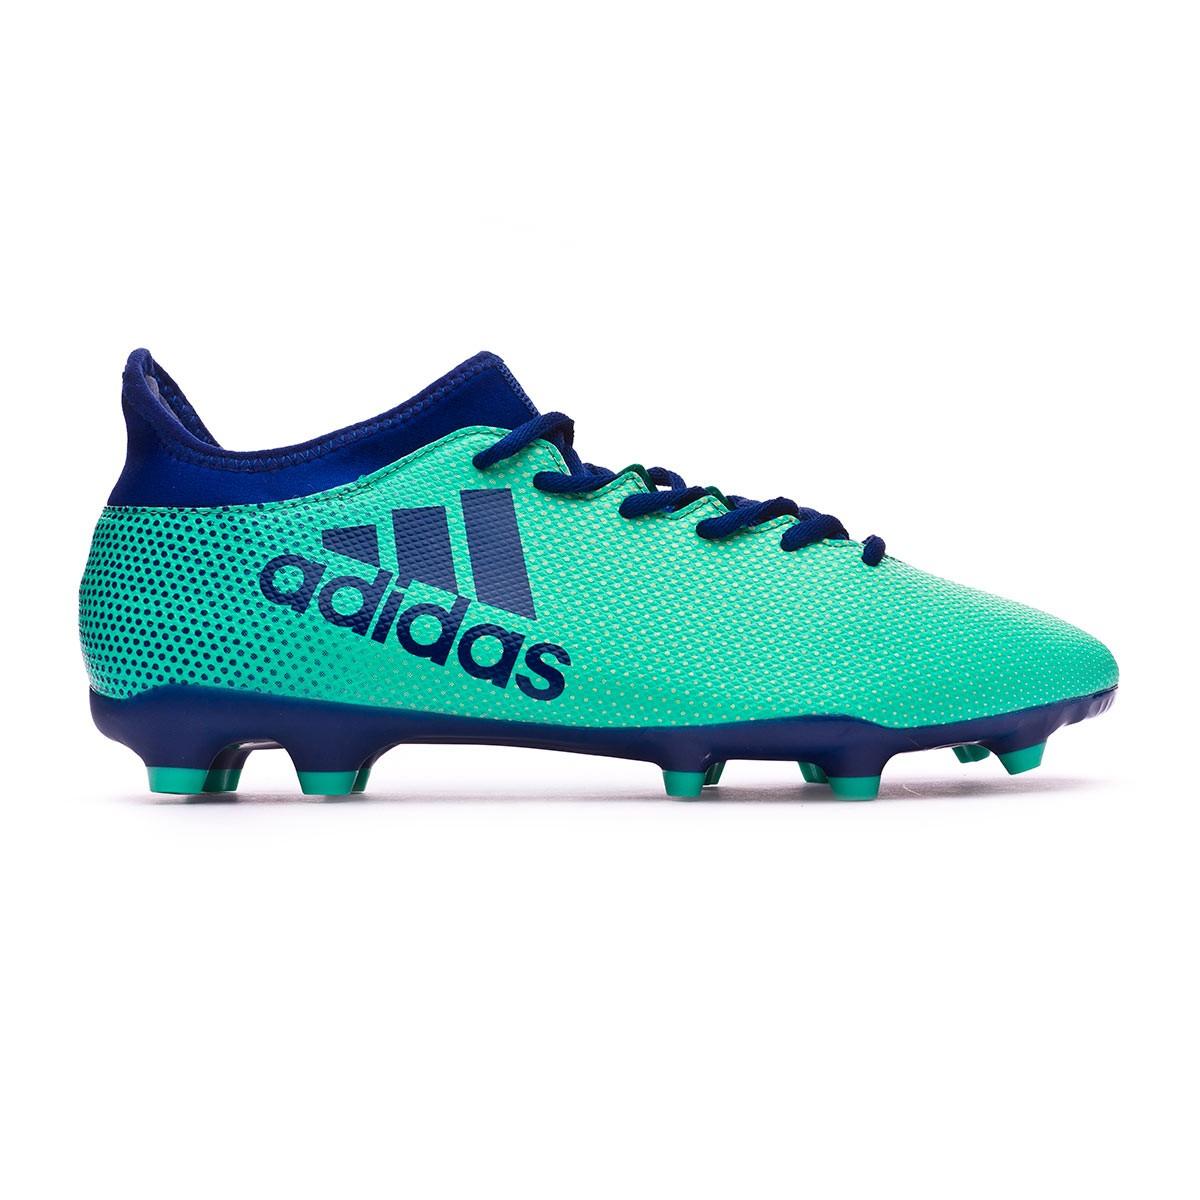 Boot adidas X 17.3 FG Aero green-Unity ink-Hi-res green - Soloporteros es  ahora Fútbol Emotion 9fd531fec